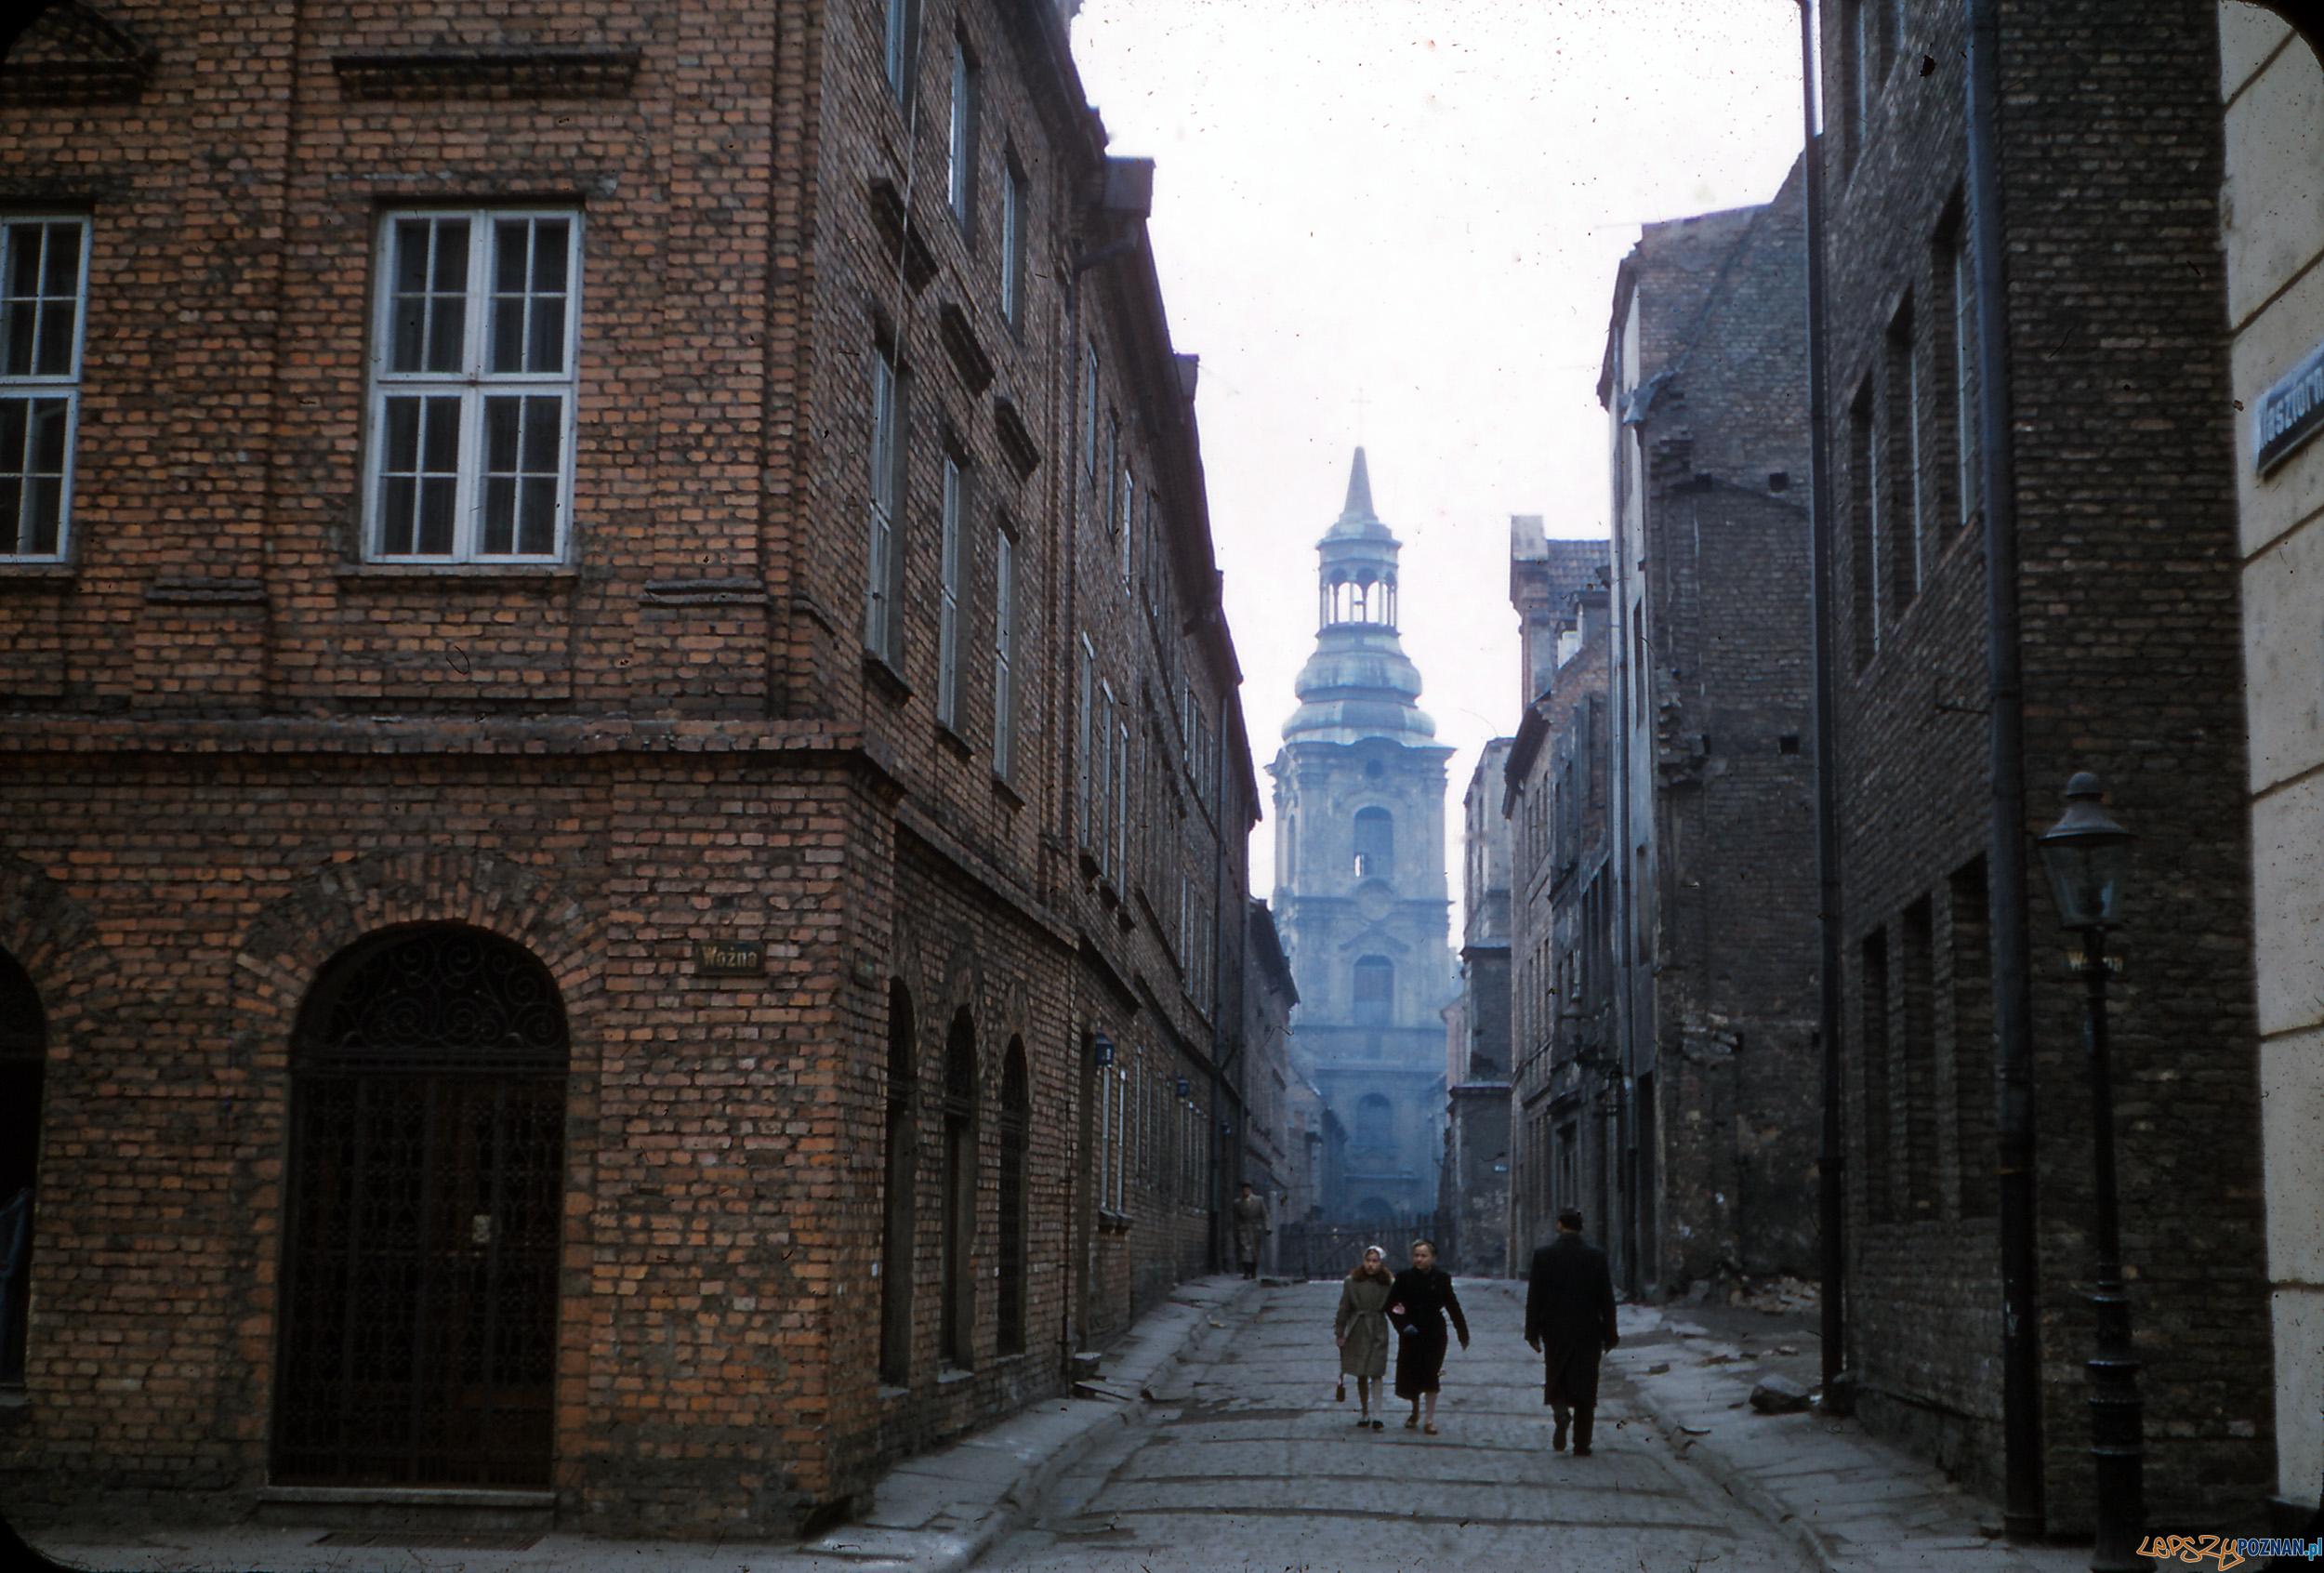 Klasztorna - koniec lat 50-tych  Foto: Gorm Helge Grønli Rudschinat / Flickr / CC